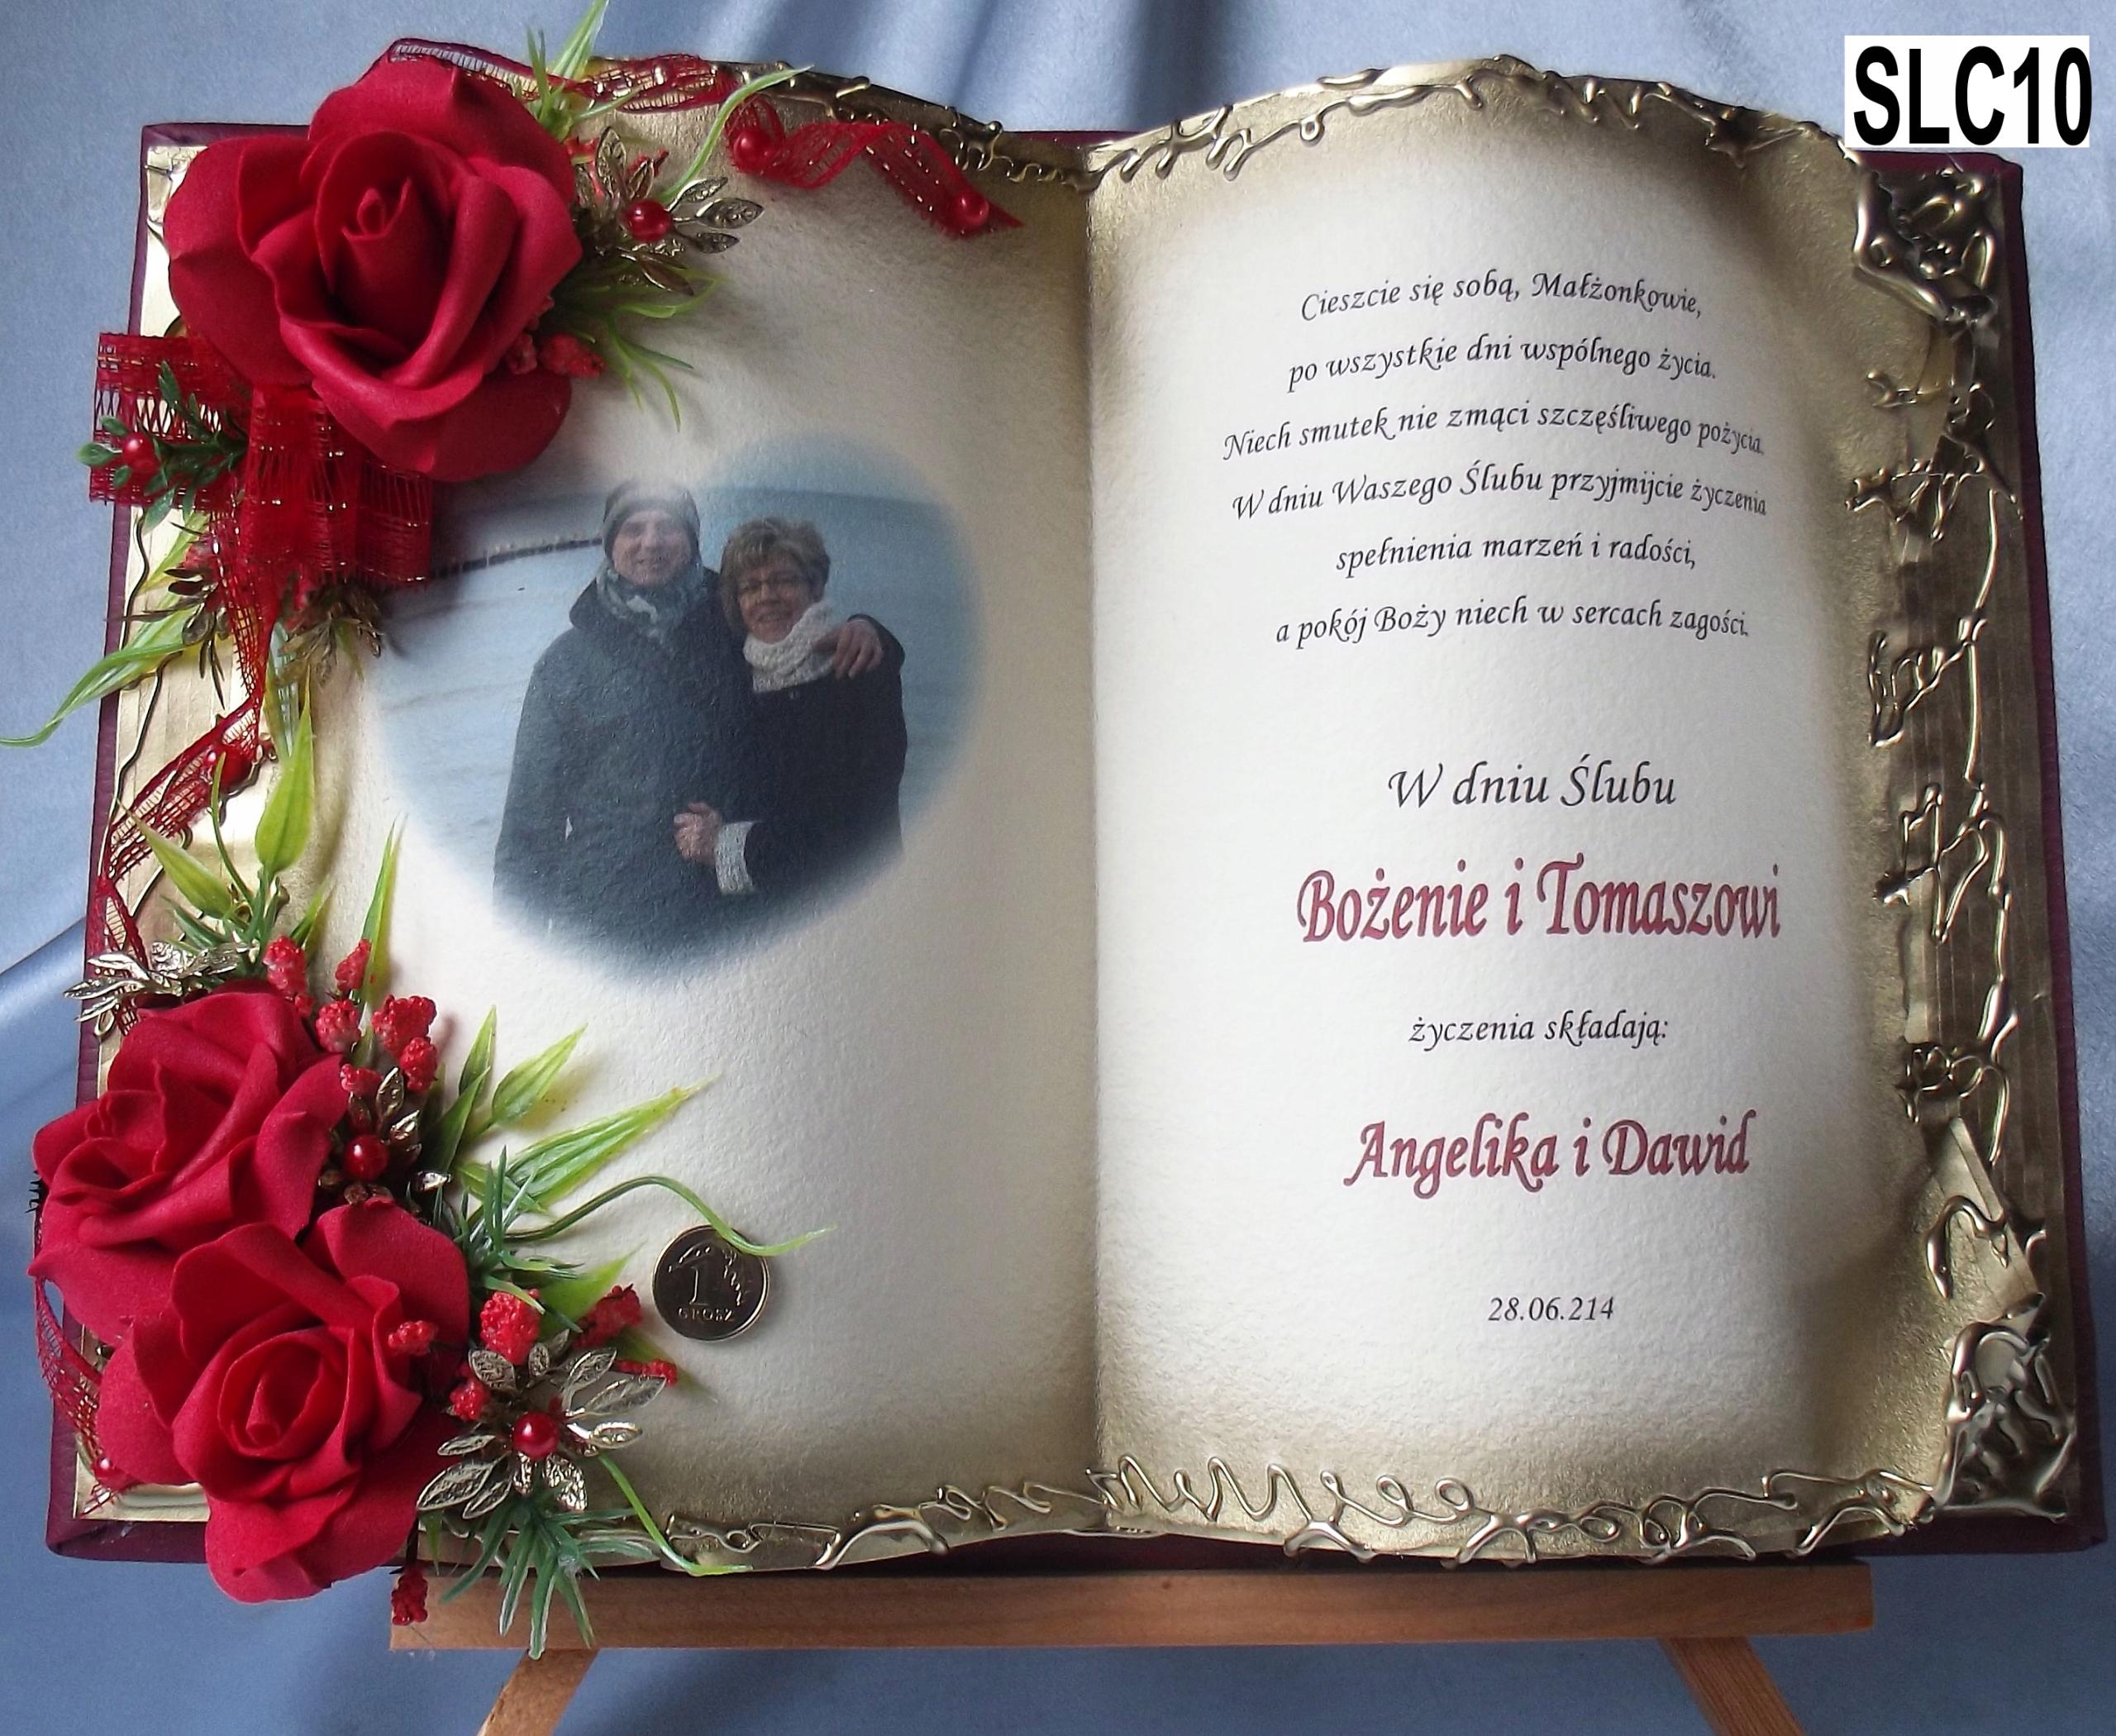 Поздравить крестницу с рождением сына открыткой солдат